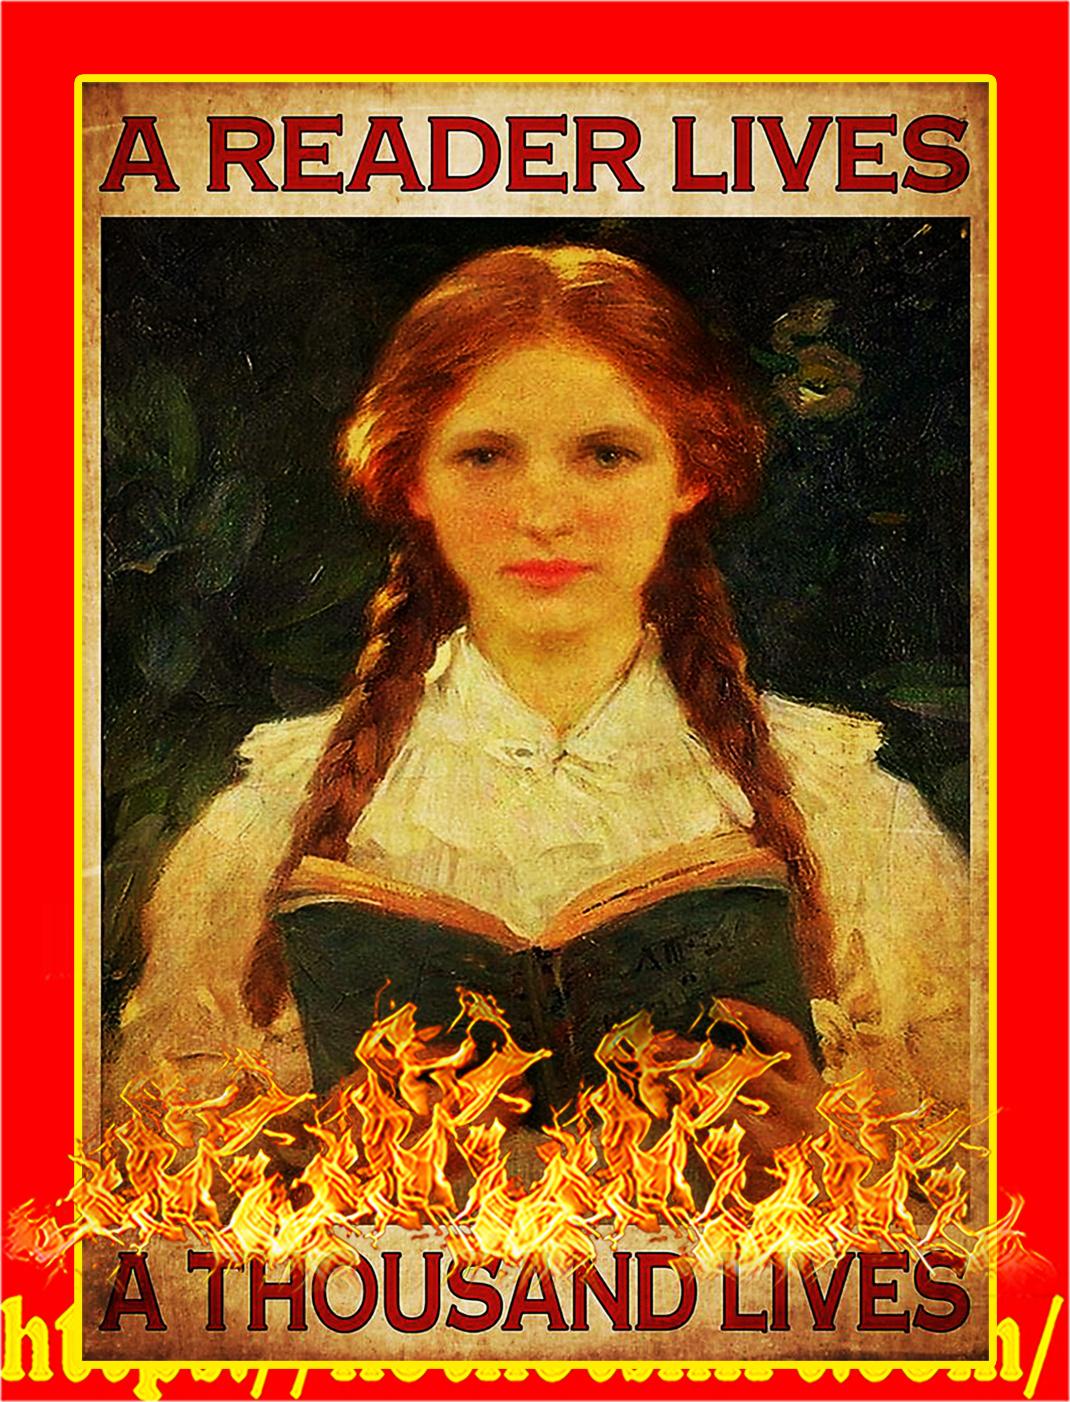 A reader lives a thousand lives poster - A2